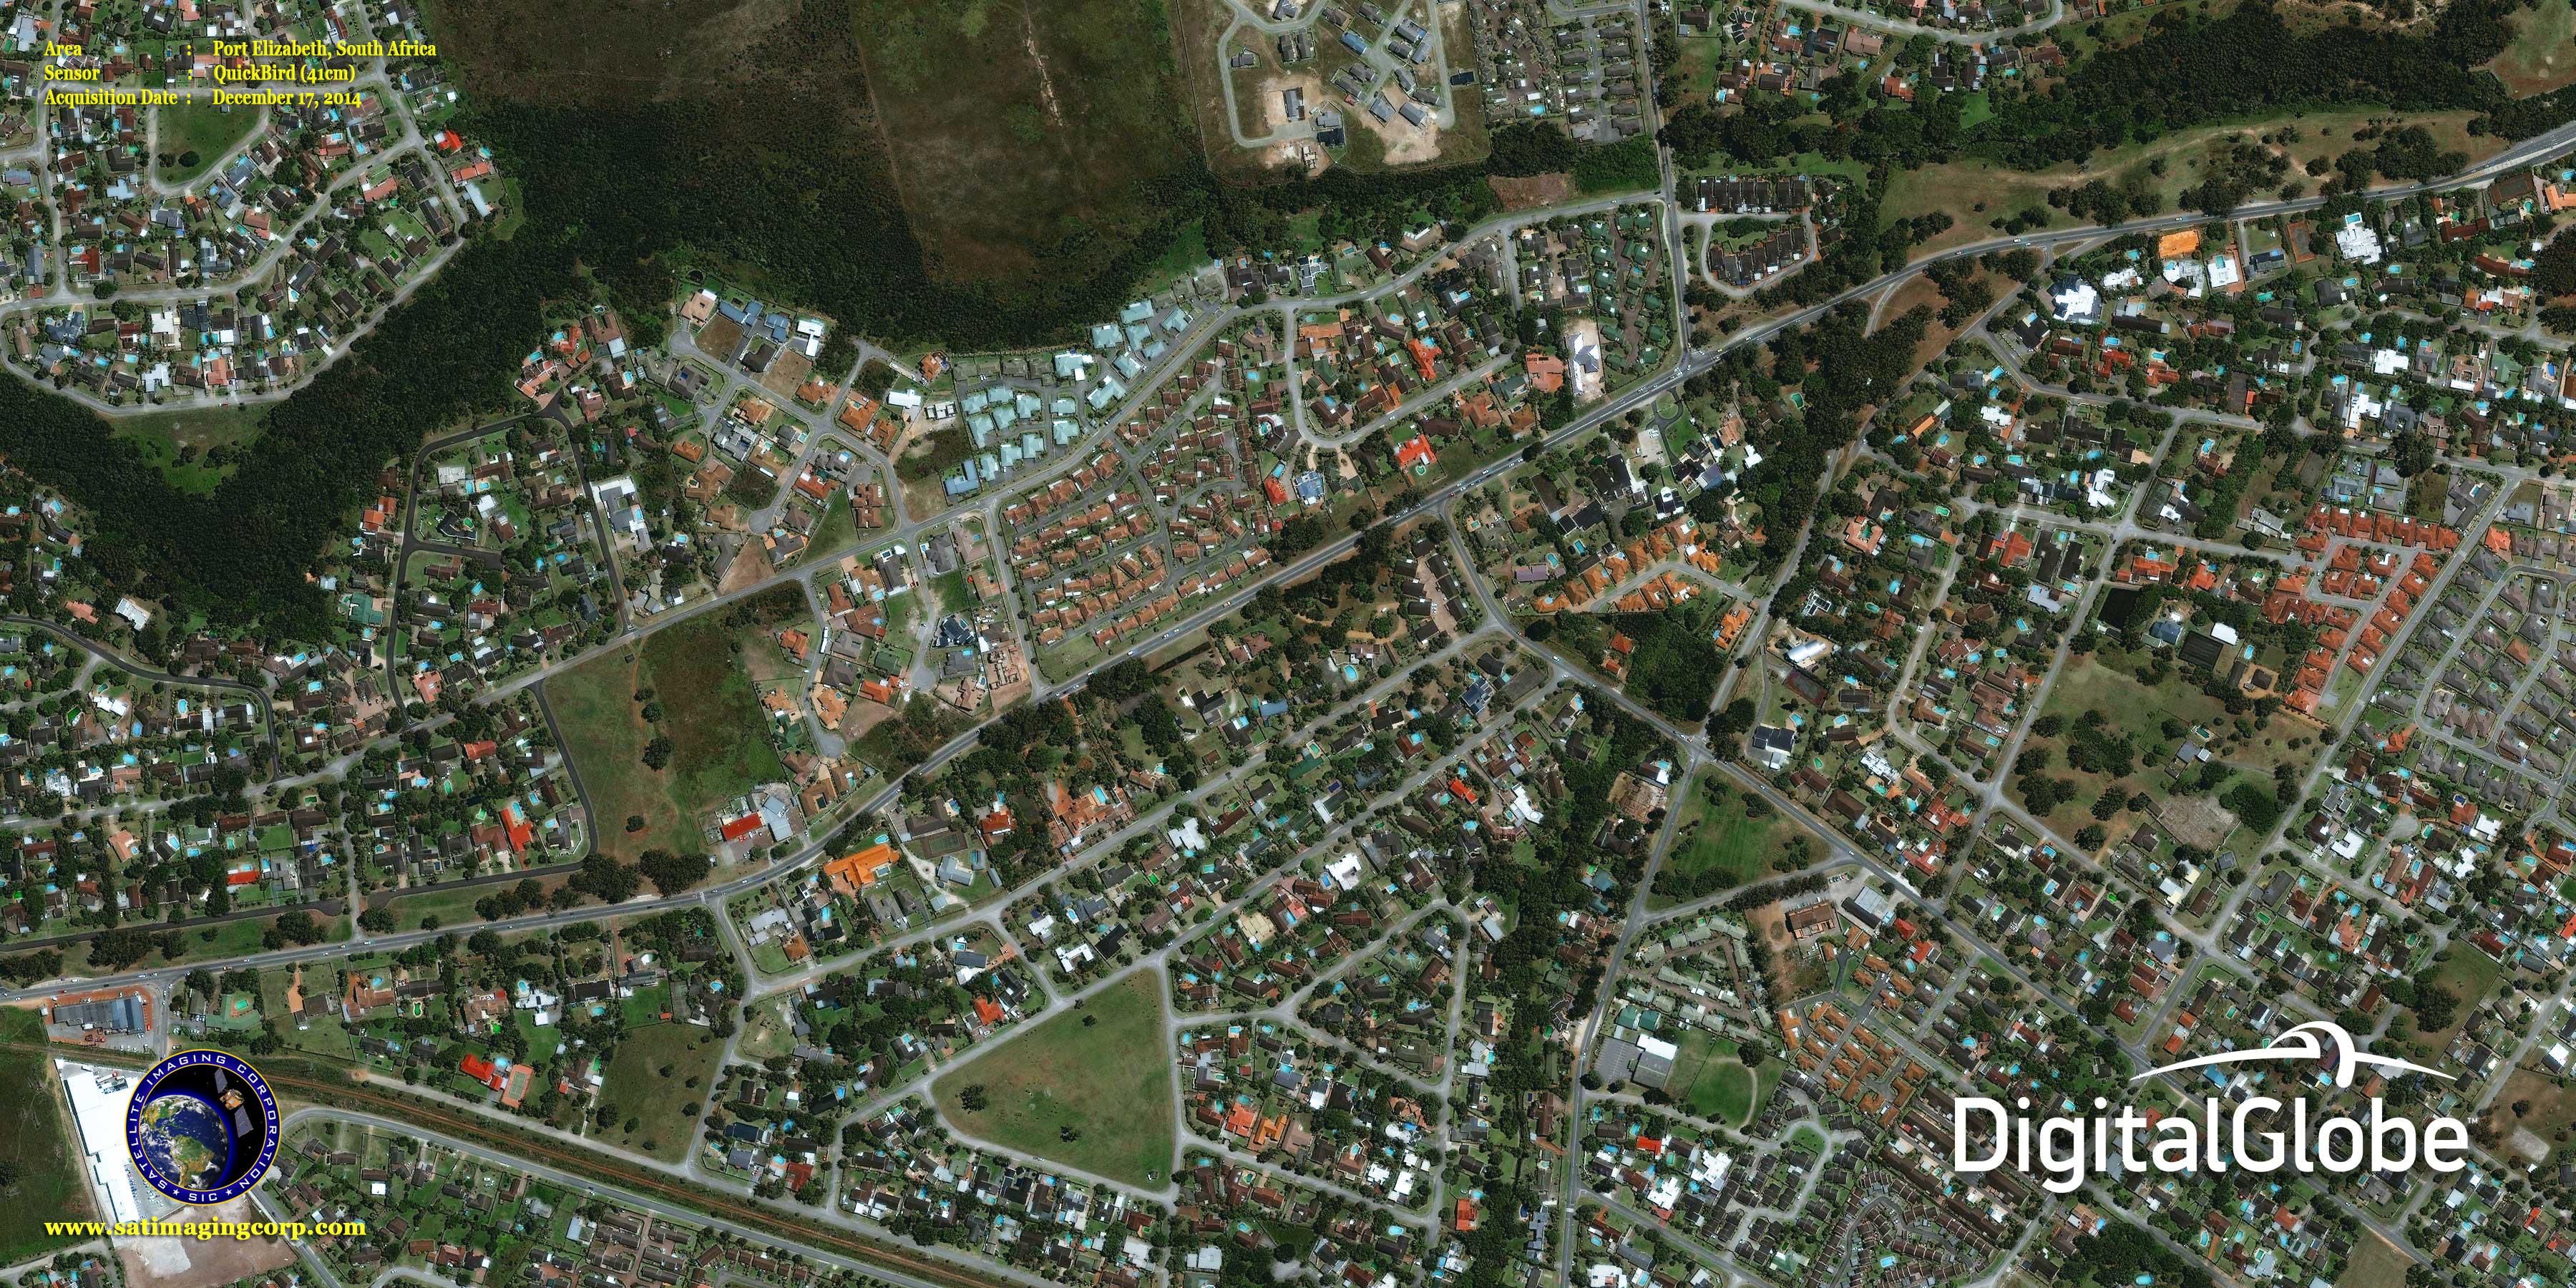 QuickBird Satellite Image Port Elizabeth Satellite Imaging Corp - Satelite image